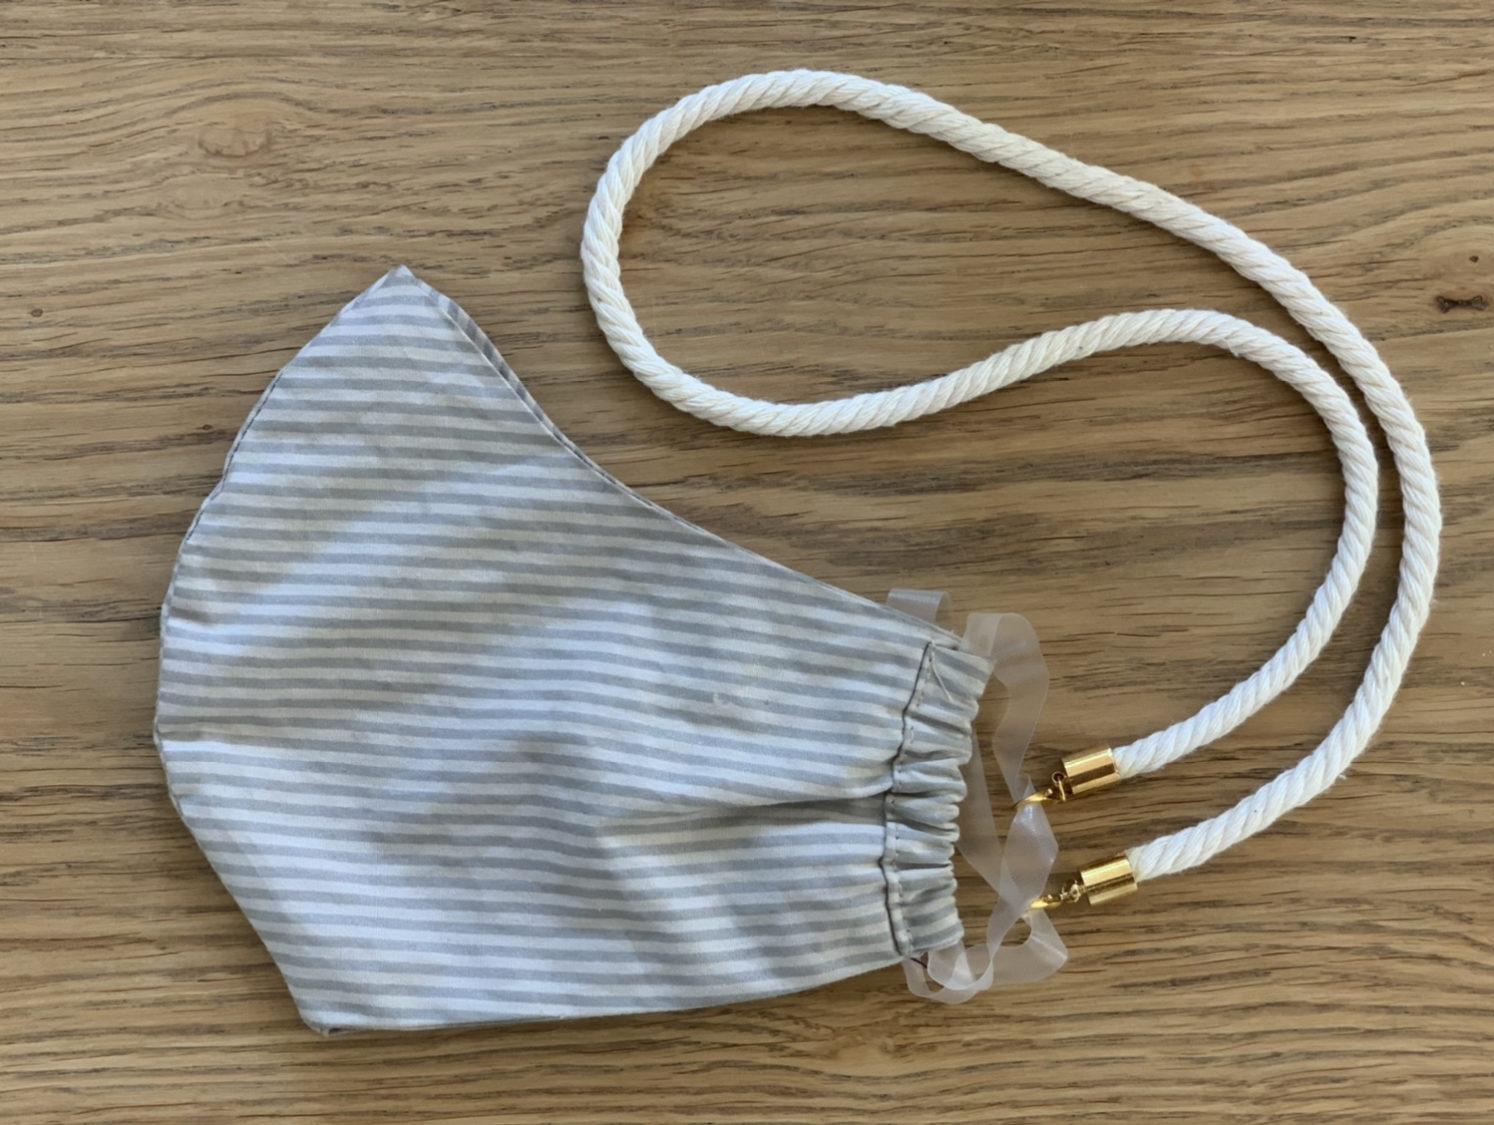 Trageband für Behelfsmaske zum selber nähen, ein super einfaches DIY das schnell umzusetzen ist und das Leben einfach erleichtert